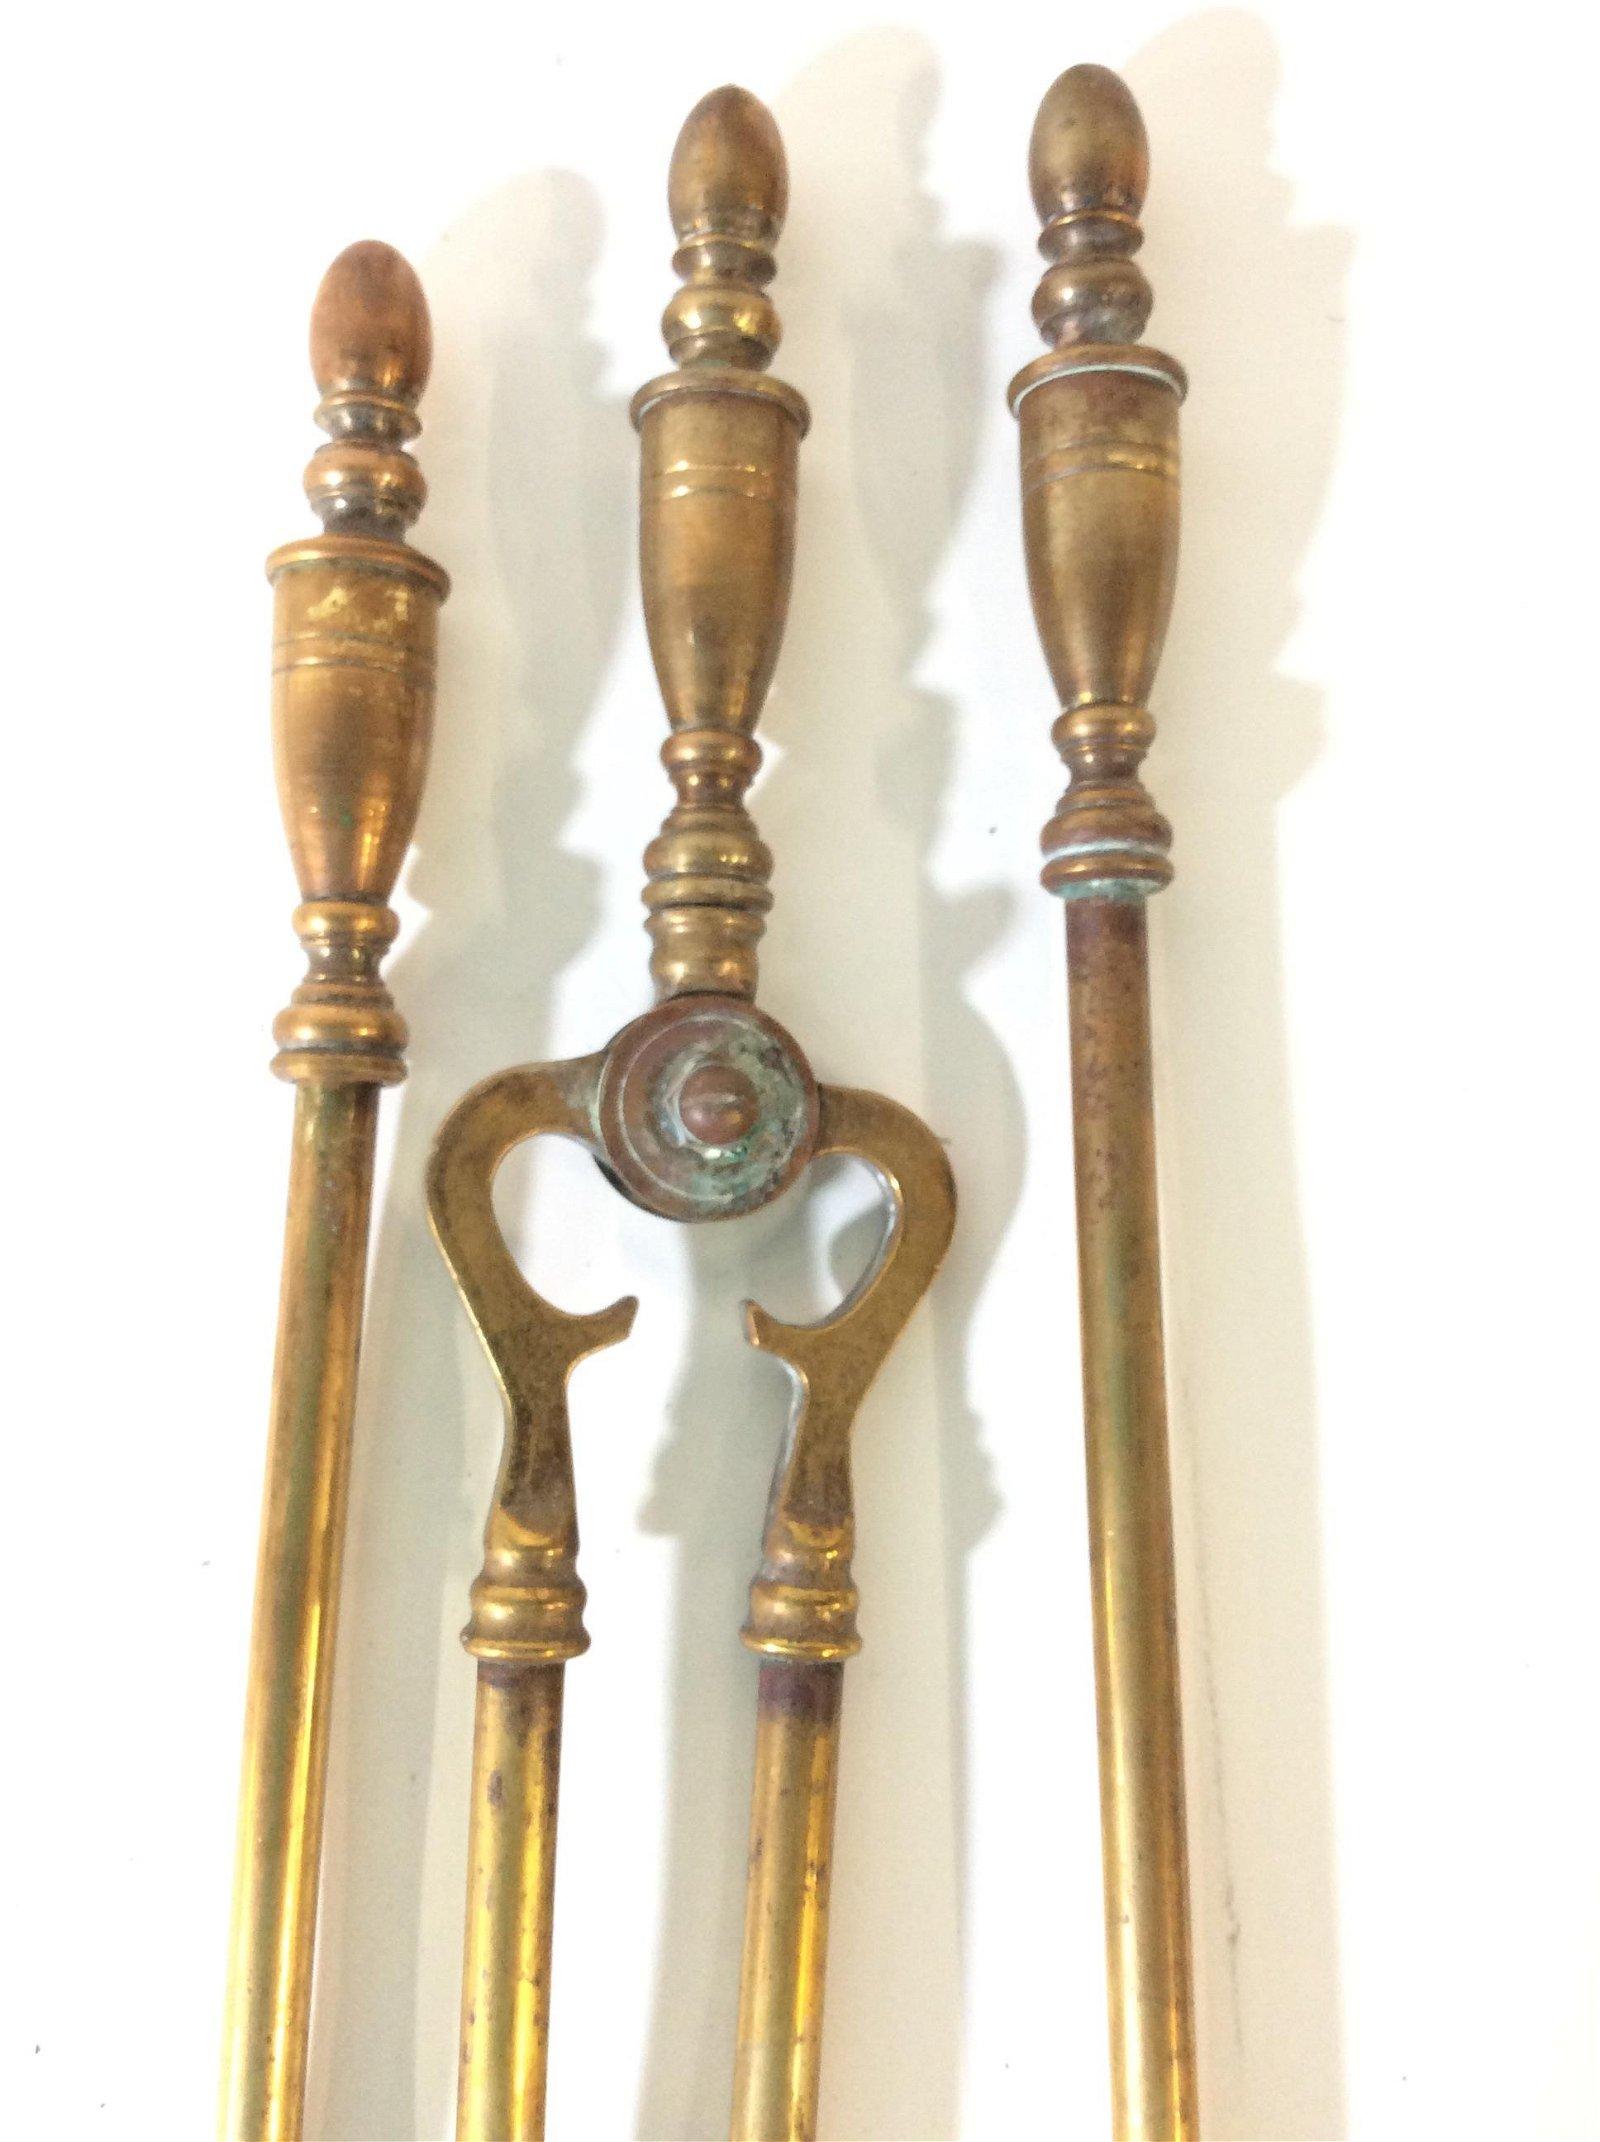 Vintage Brass tnd Fireplace Tools Kit, 5 pcs